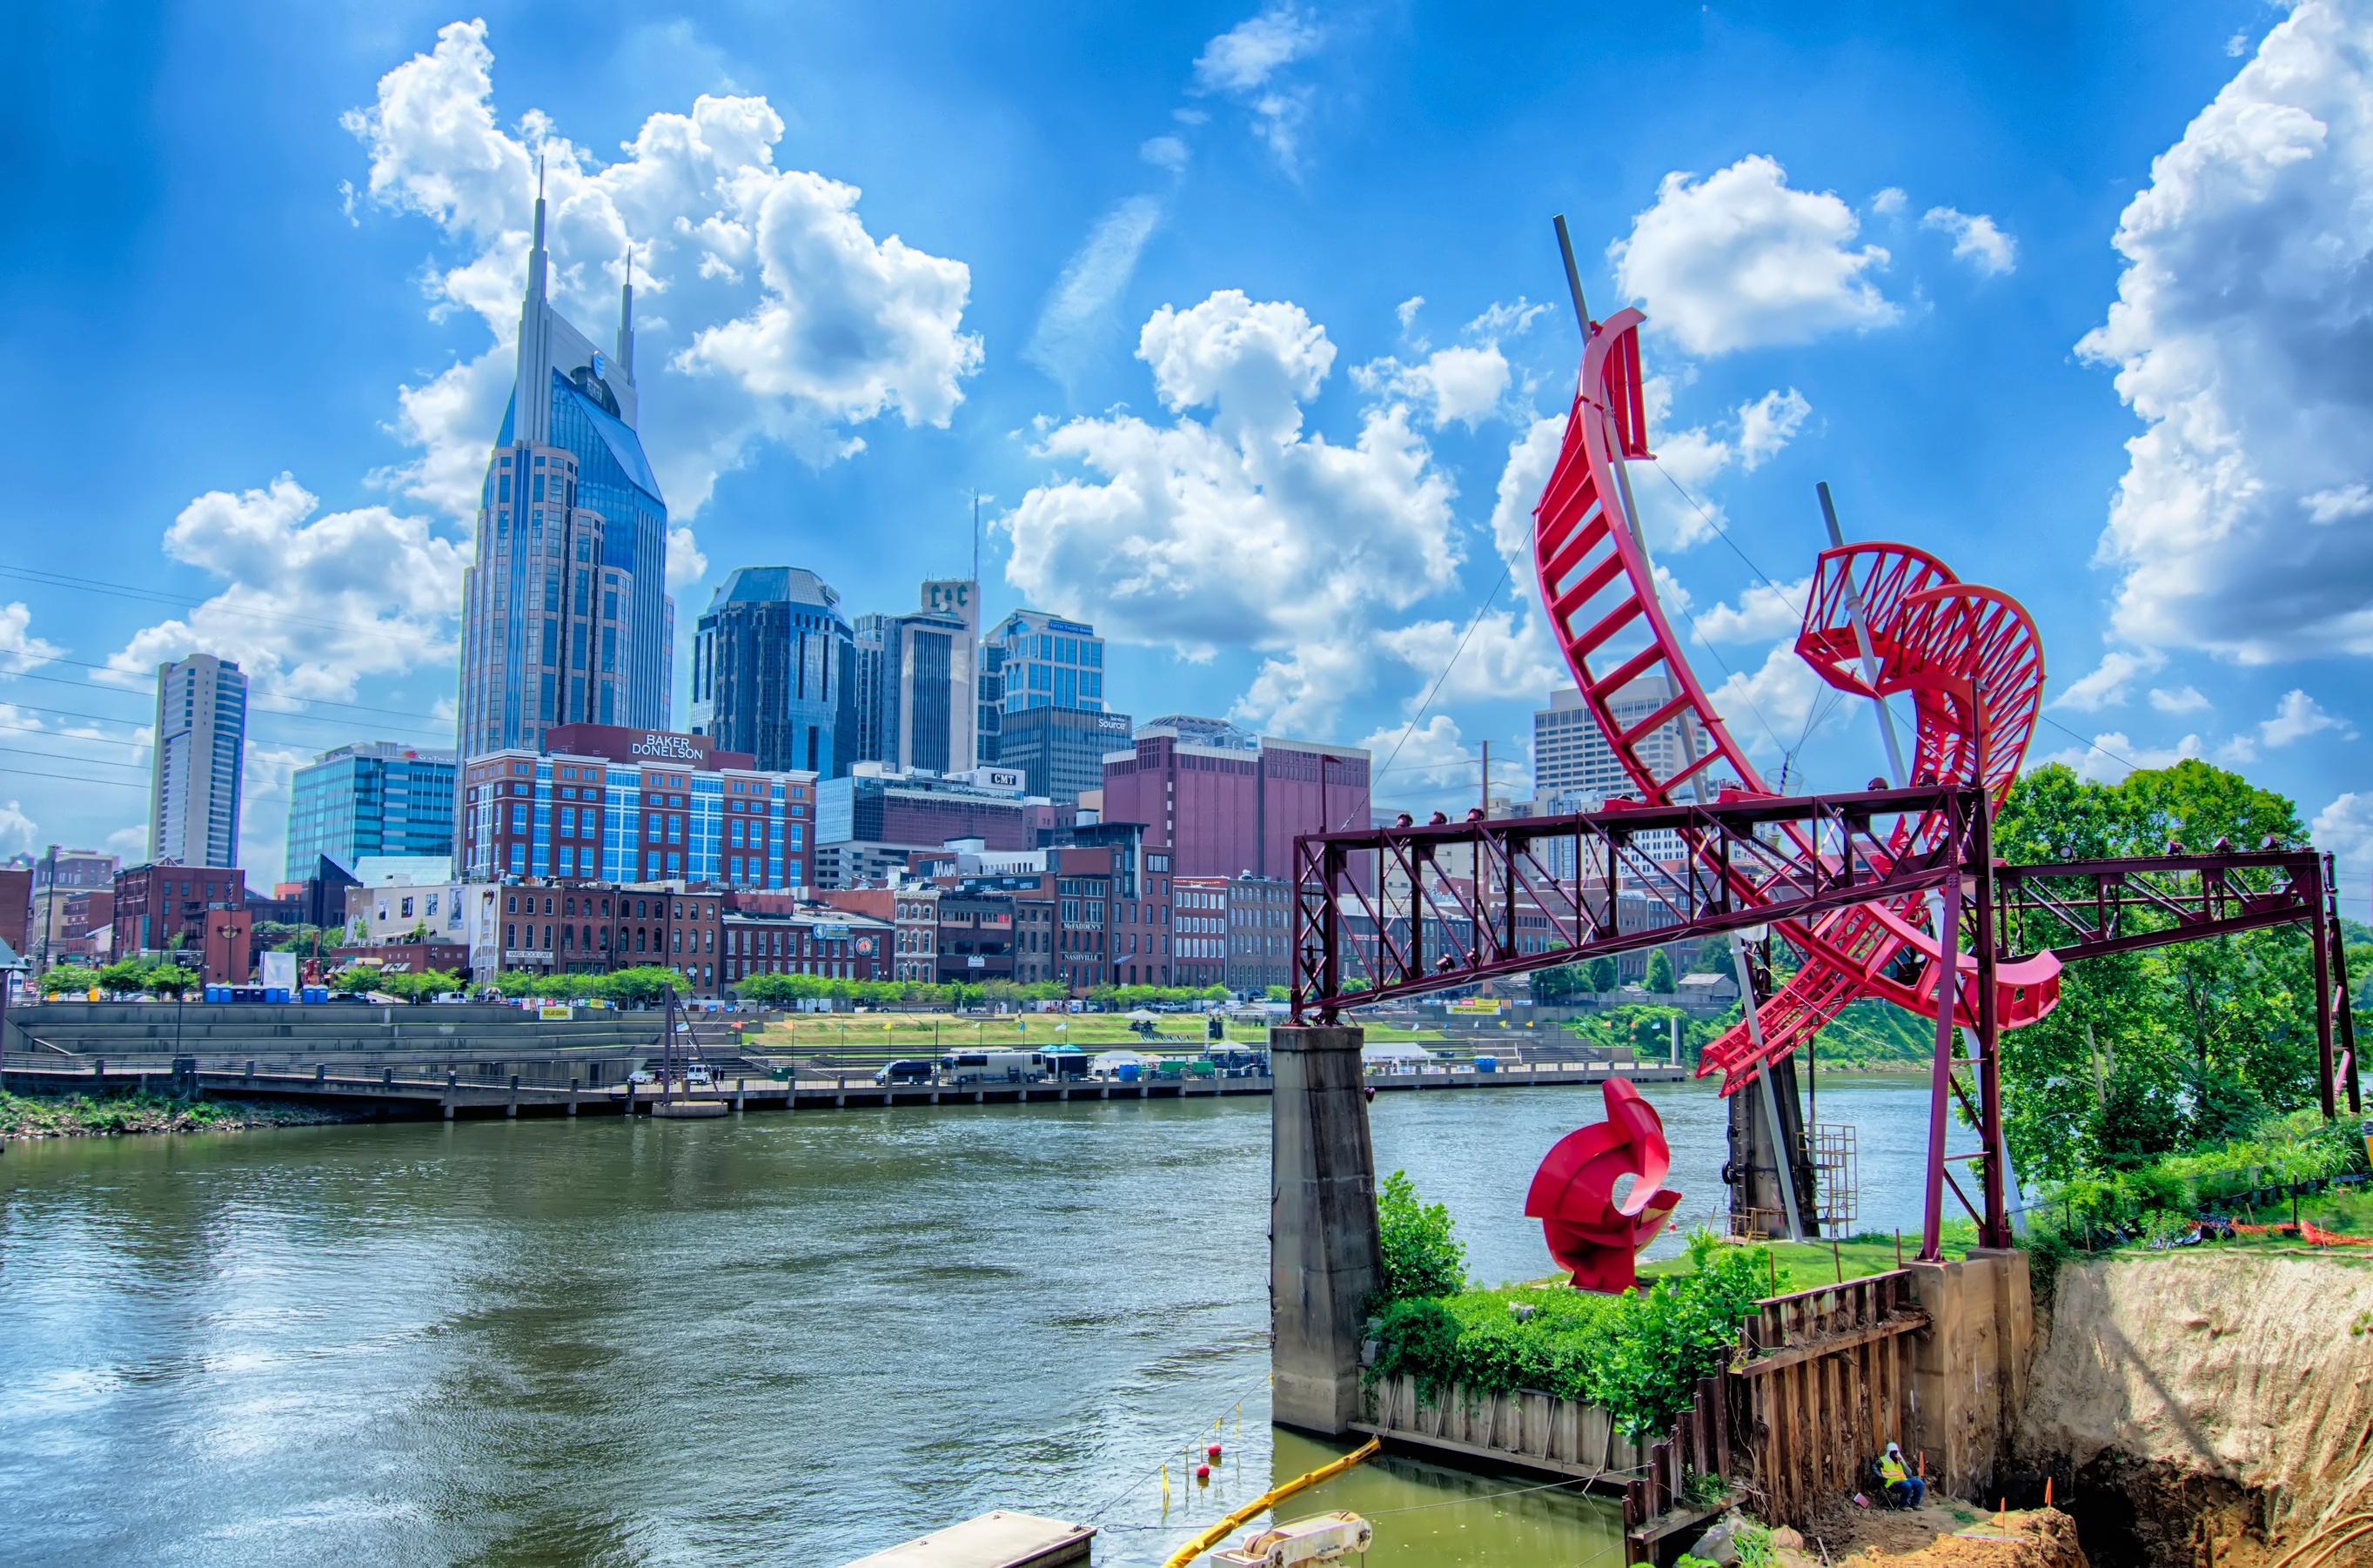 East_Nashville-2.jpg